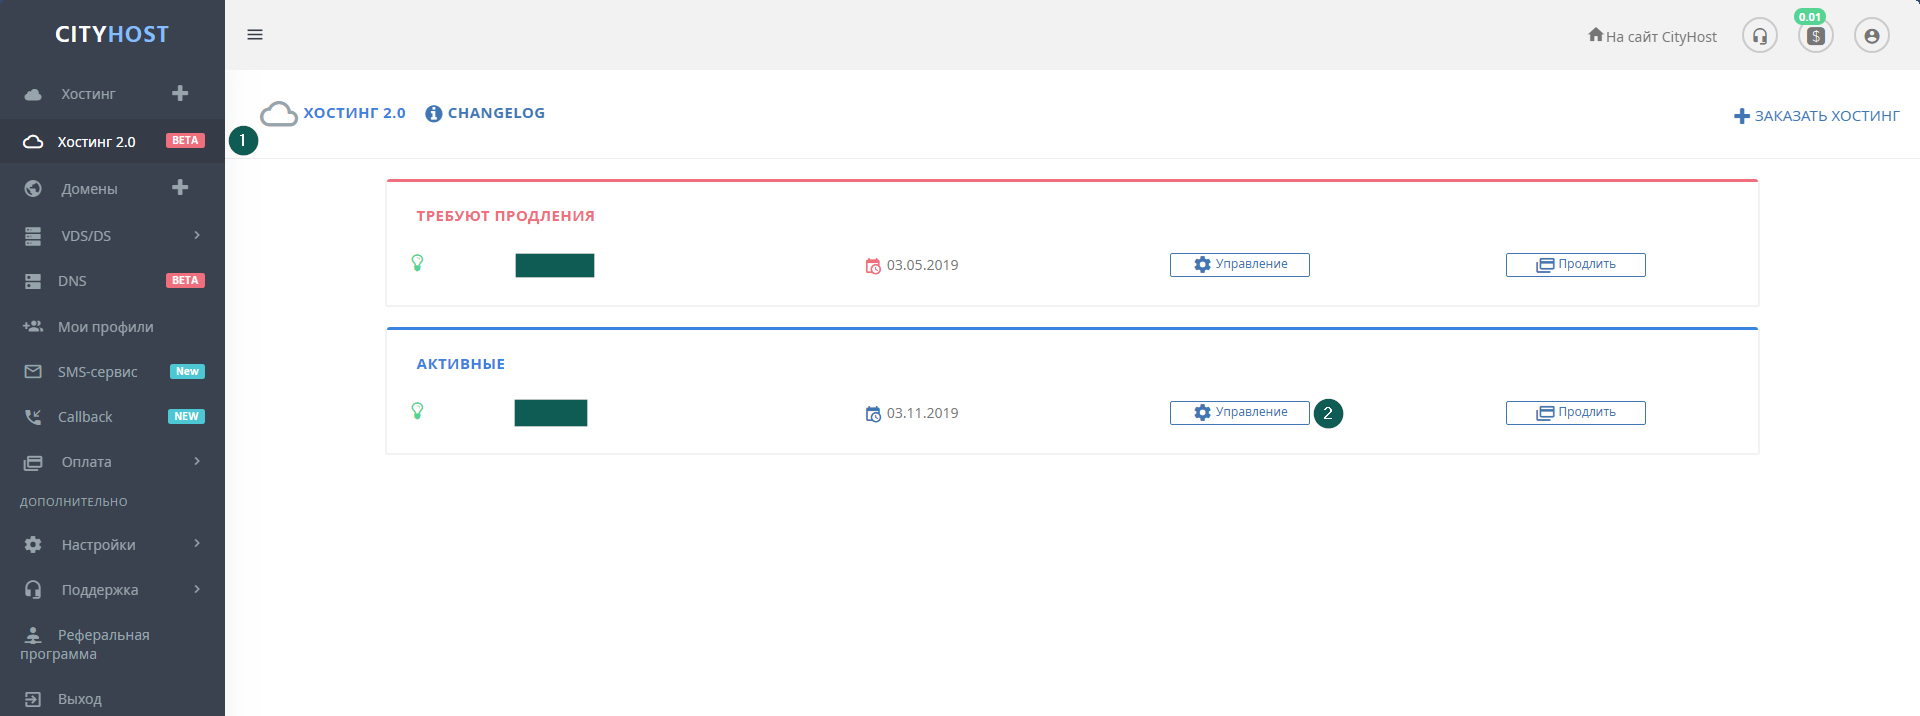 через сколько домен доступен к регистрации